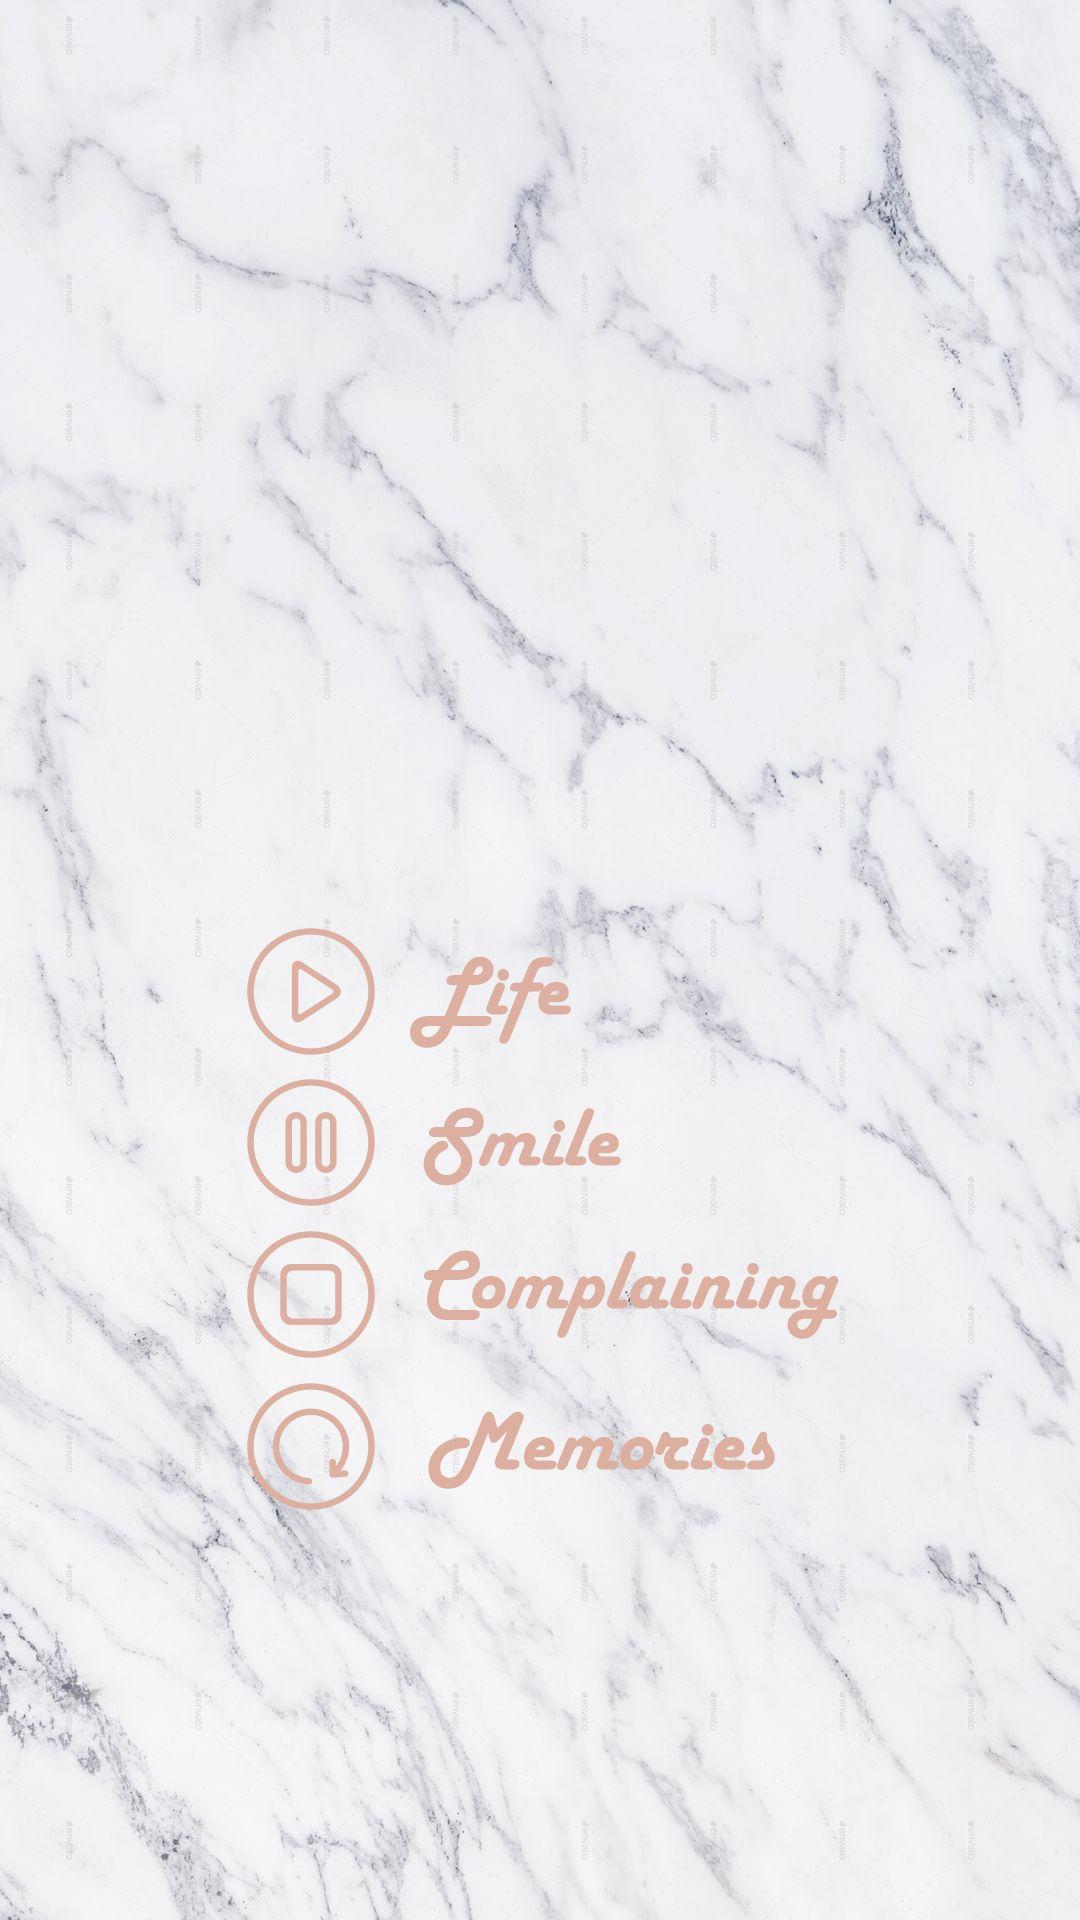 Le fond d 39 cran marbr for Fond ecran marbre